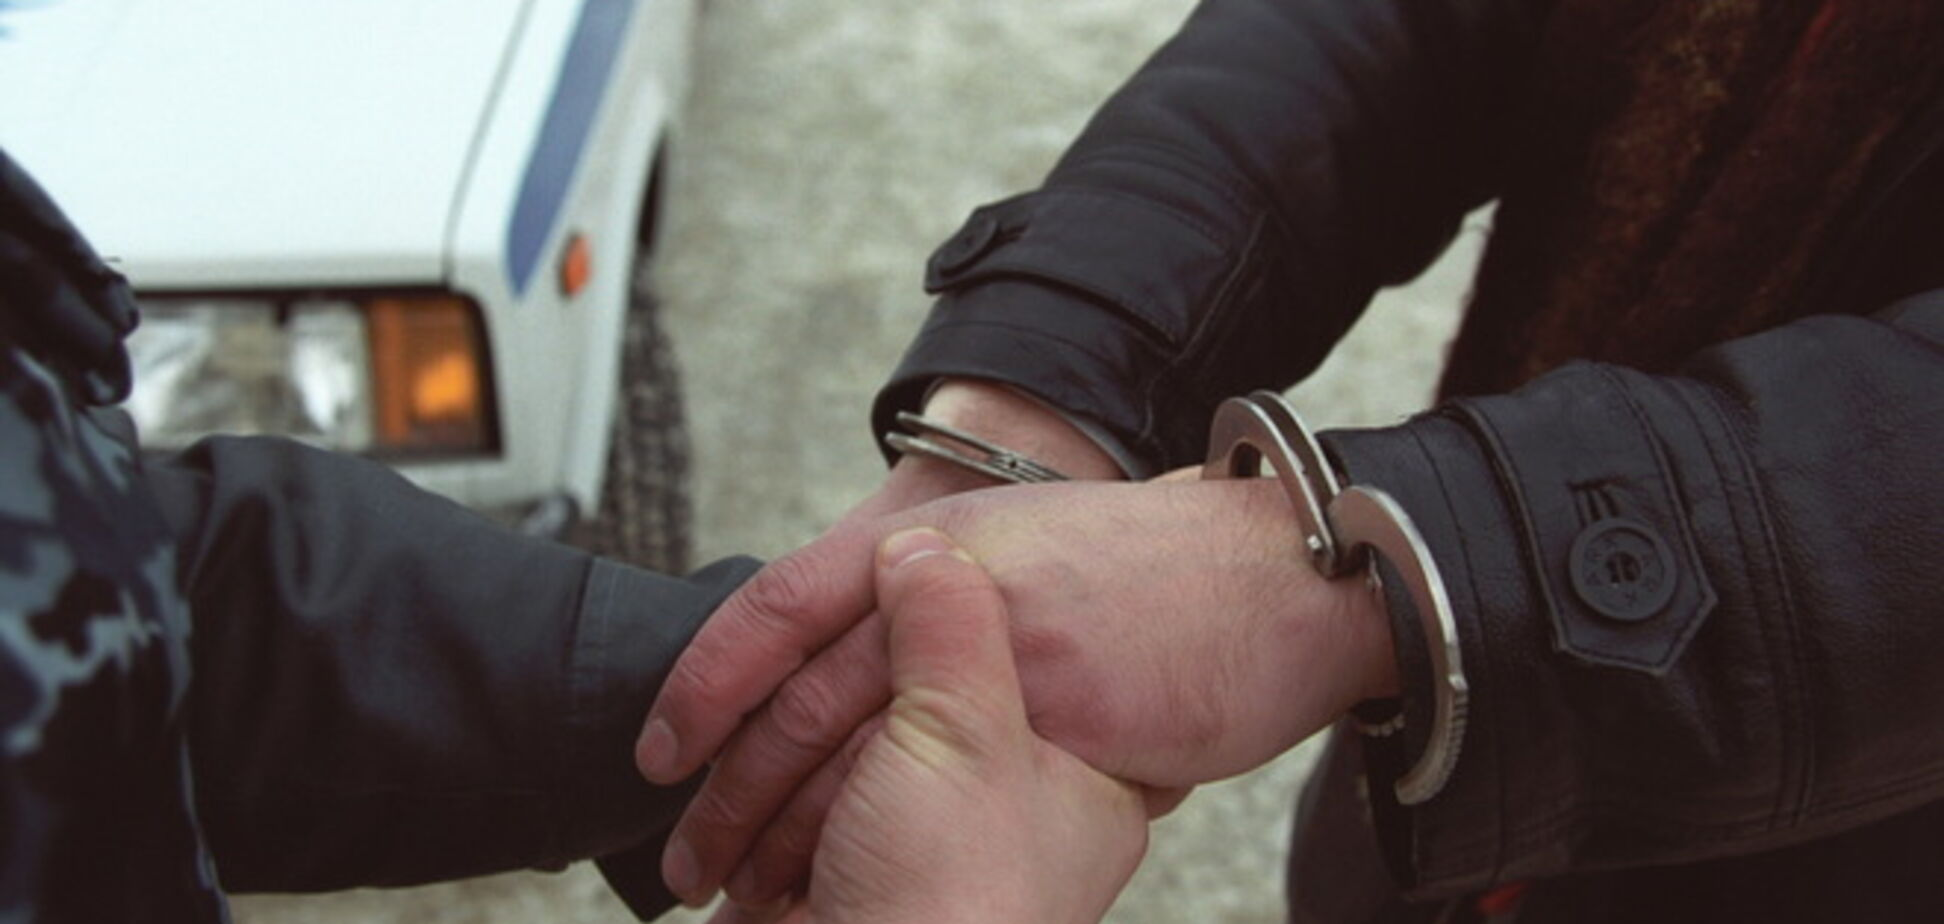 Госпогранслужба задержала латвийца, которому запрещен въезд в Украину за участие в противостоянии в Крыму